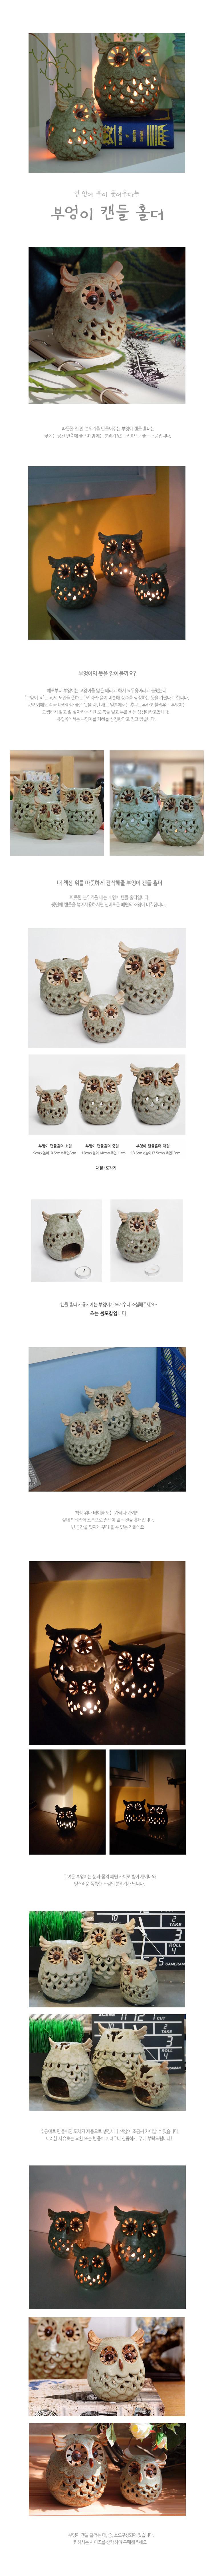 부엉이 캔들홀더 - 진바스, 6,500원, 캔들, 캔들홀더/소품